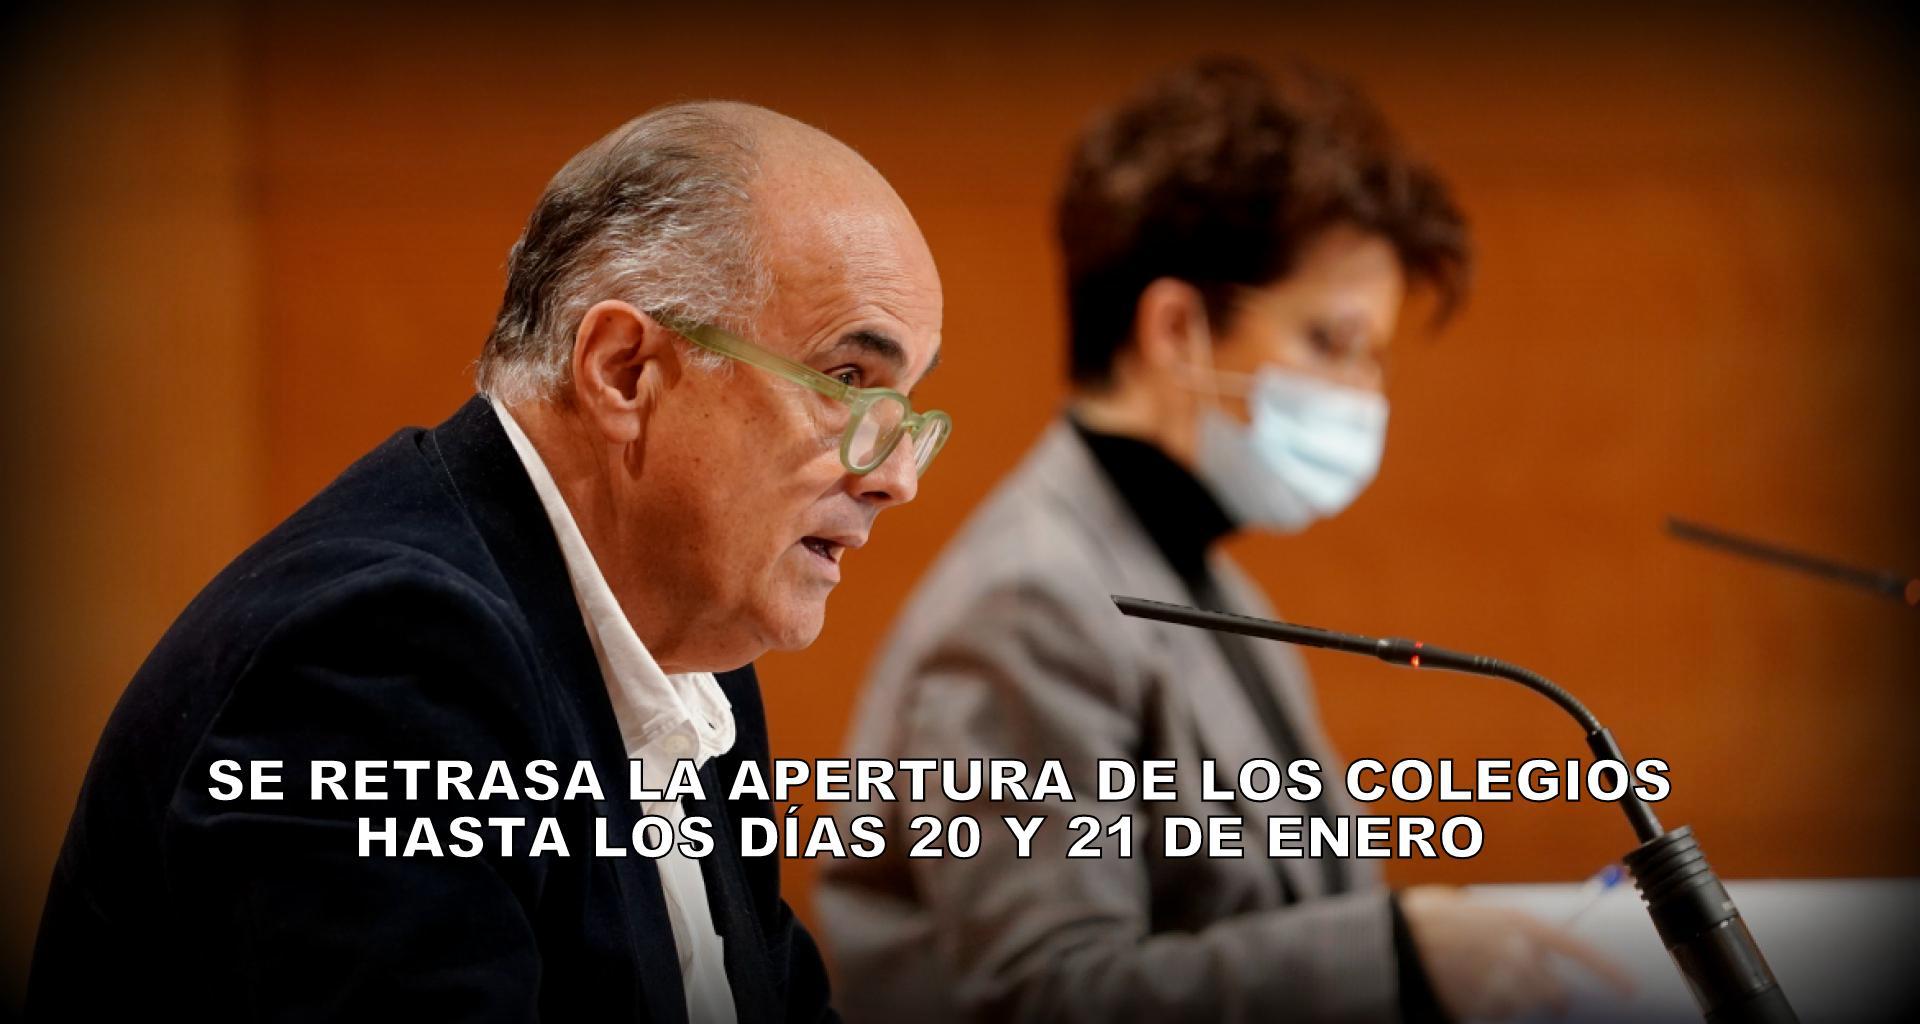 La Comunidad de Madrid amplía y aumenta las restricciones de Movilidad ante el elevado número de infectados por el Covid-19. Y retrasa la apertura de los centros educativos, hasta los días 20  y 21 de enero.